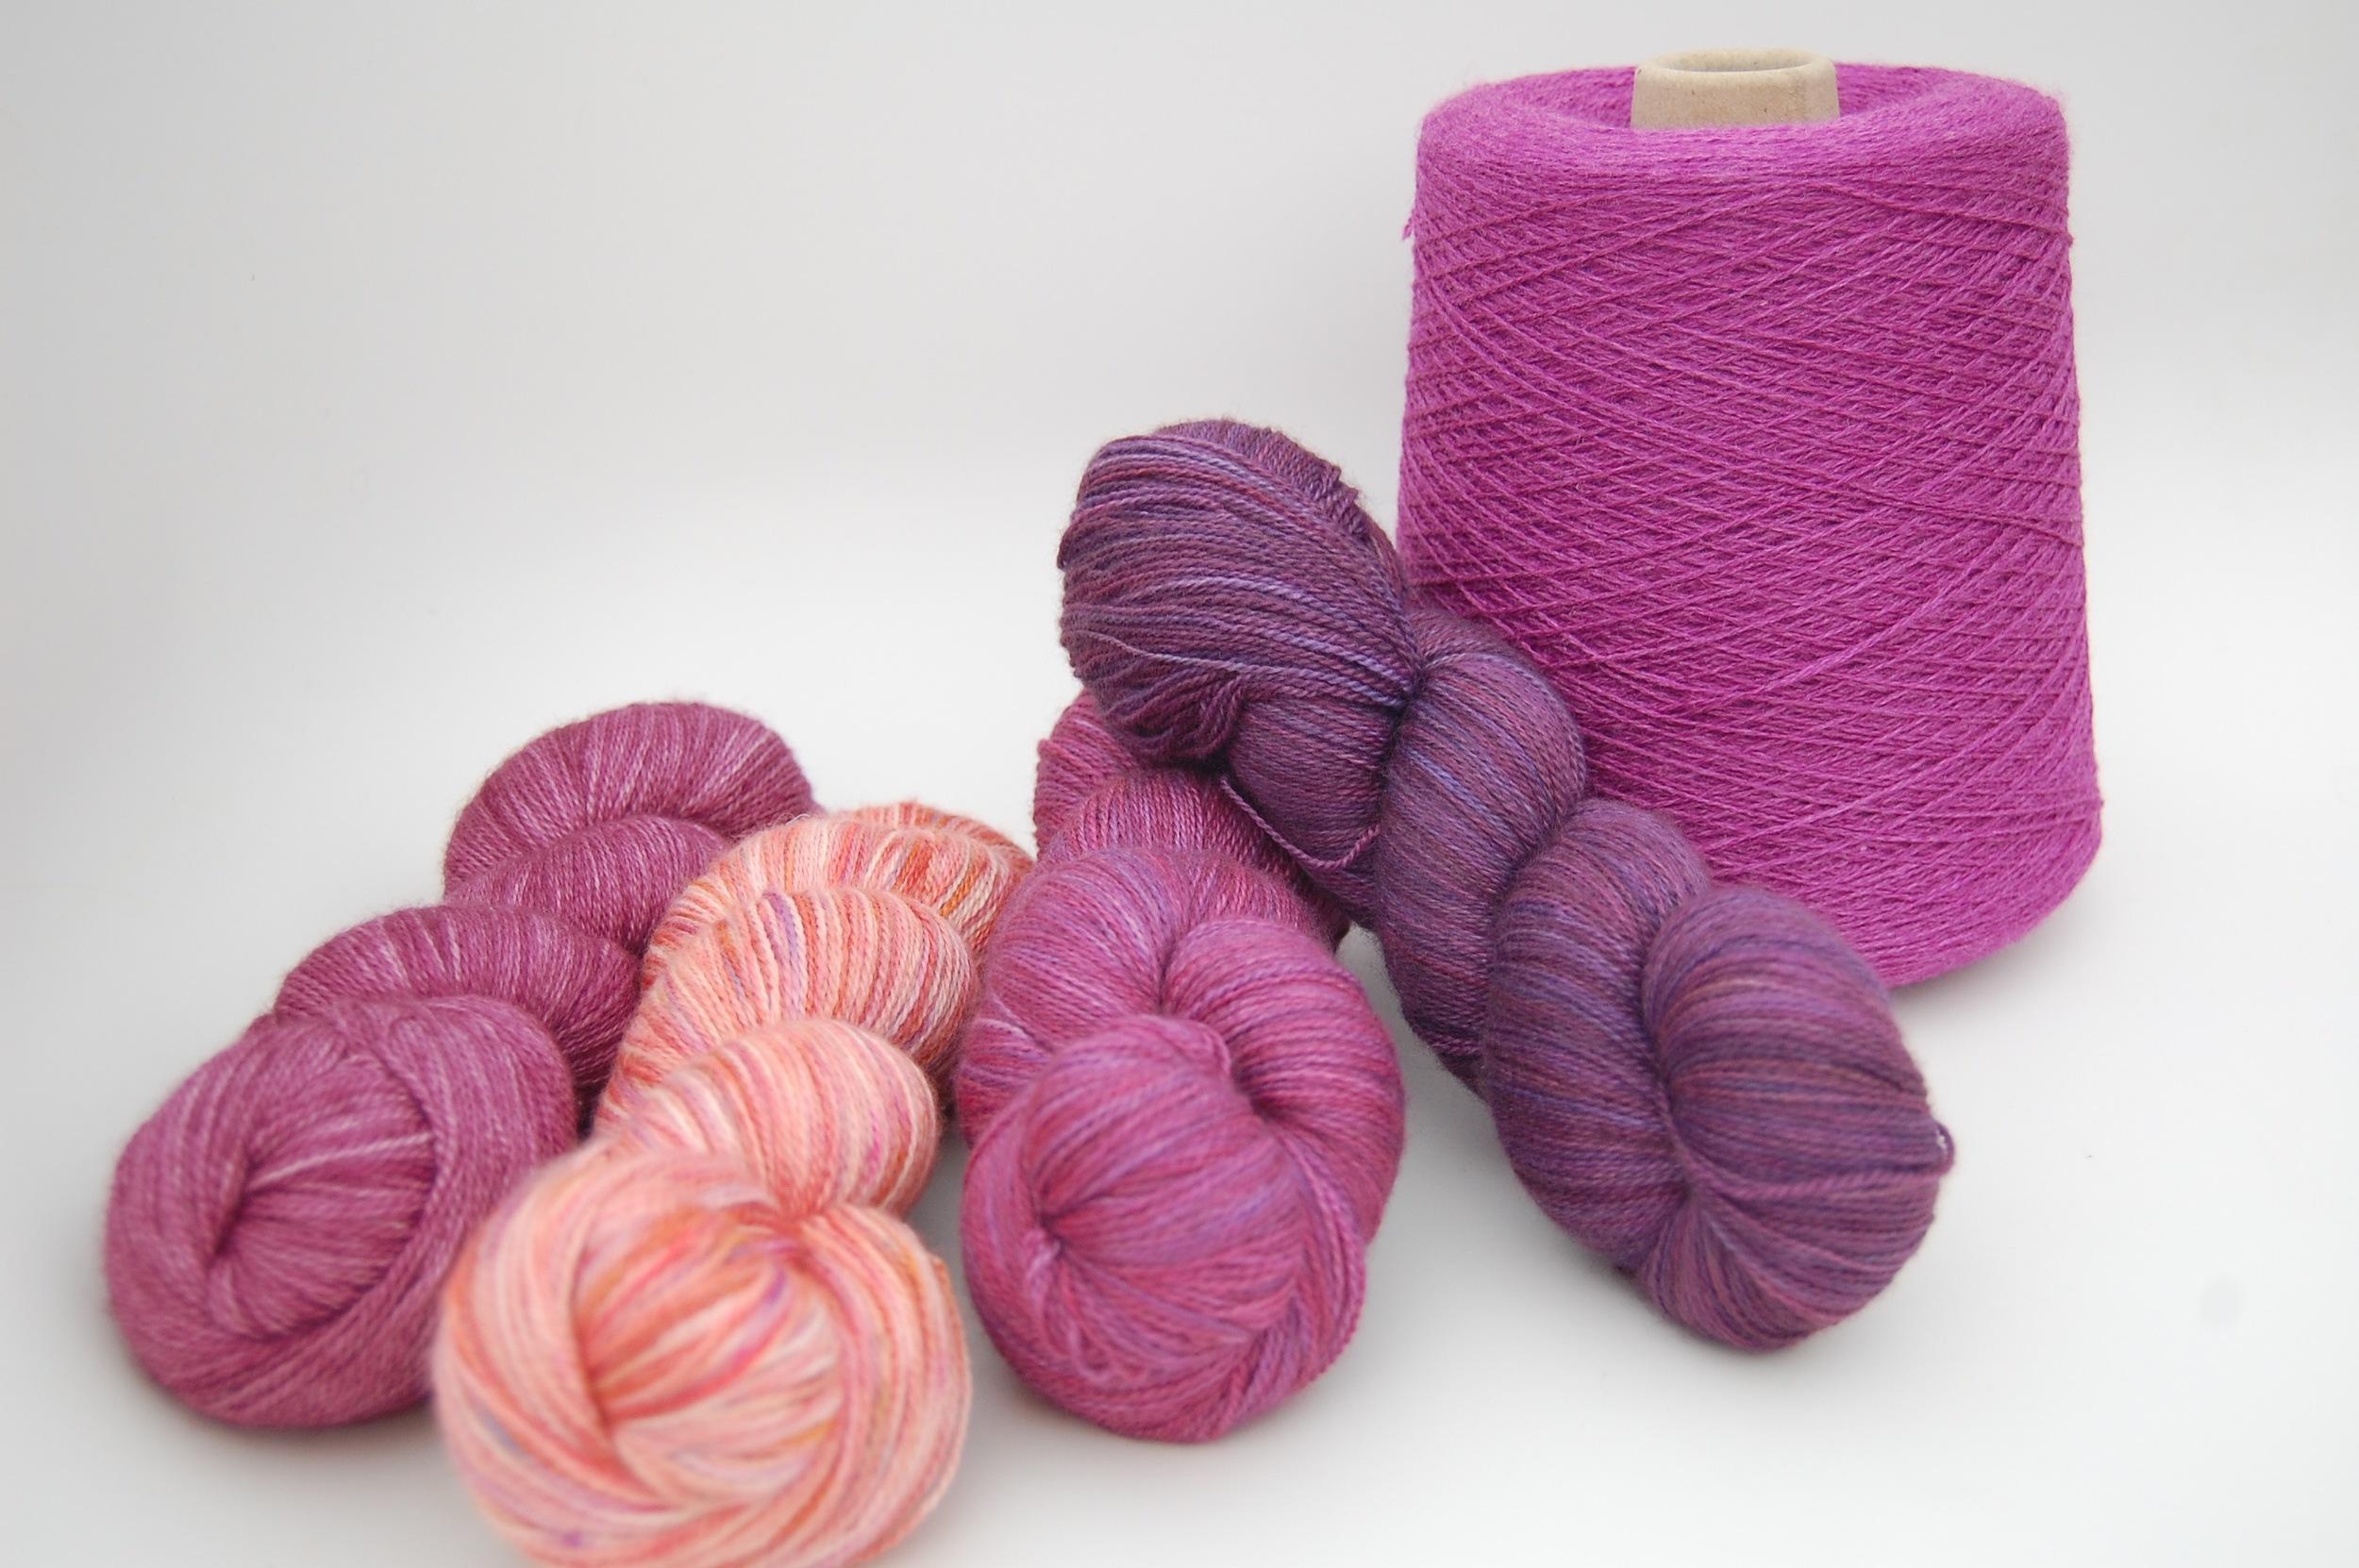 merino/silk wefts